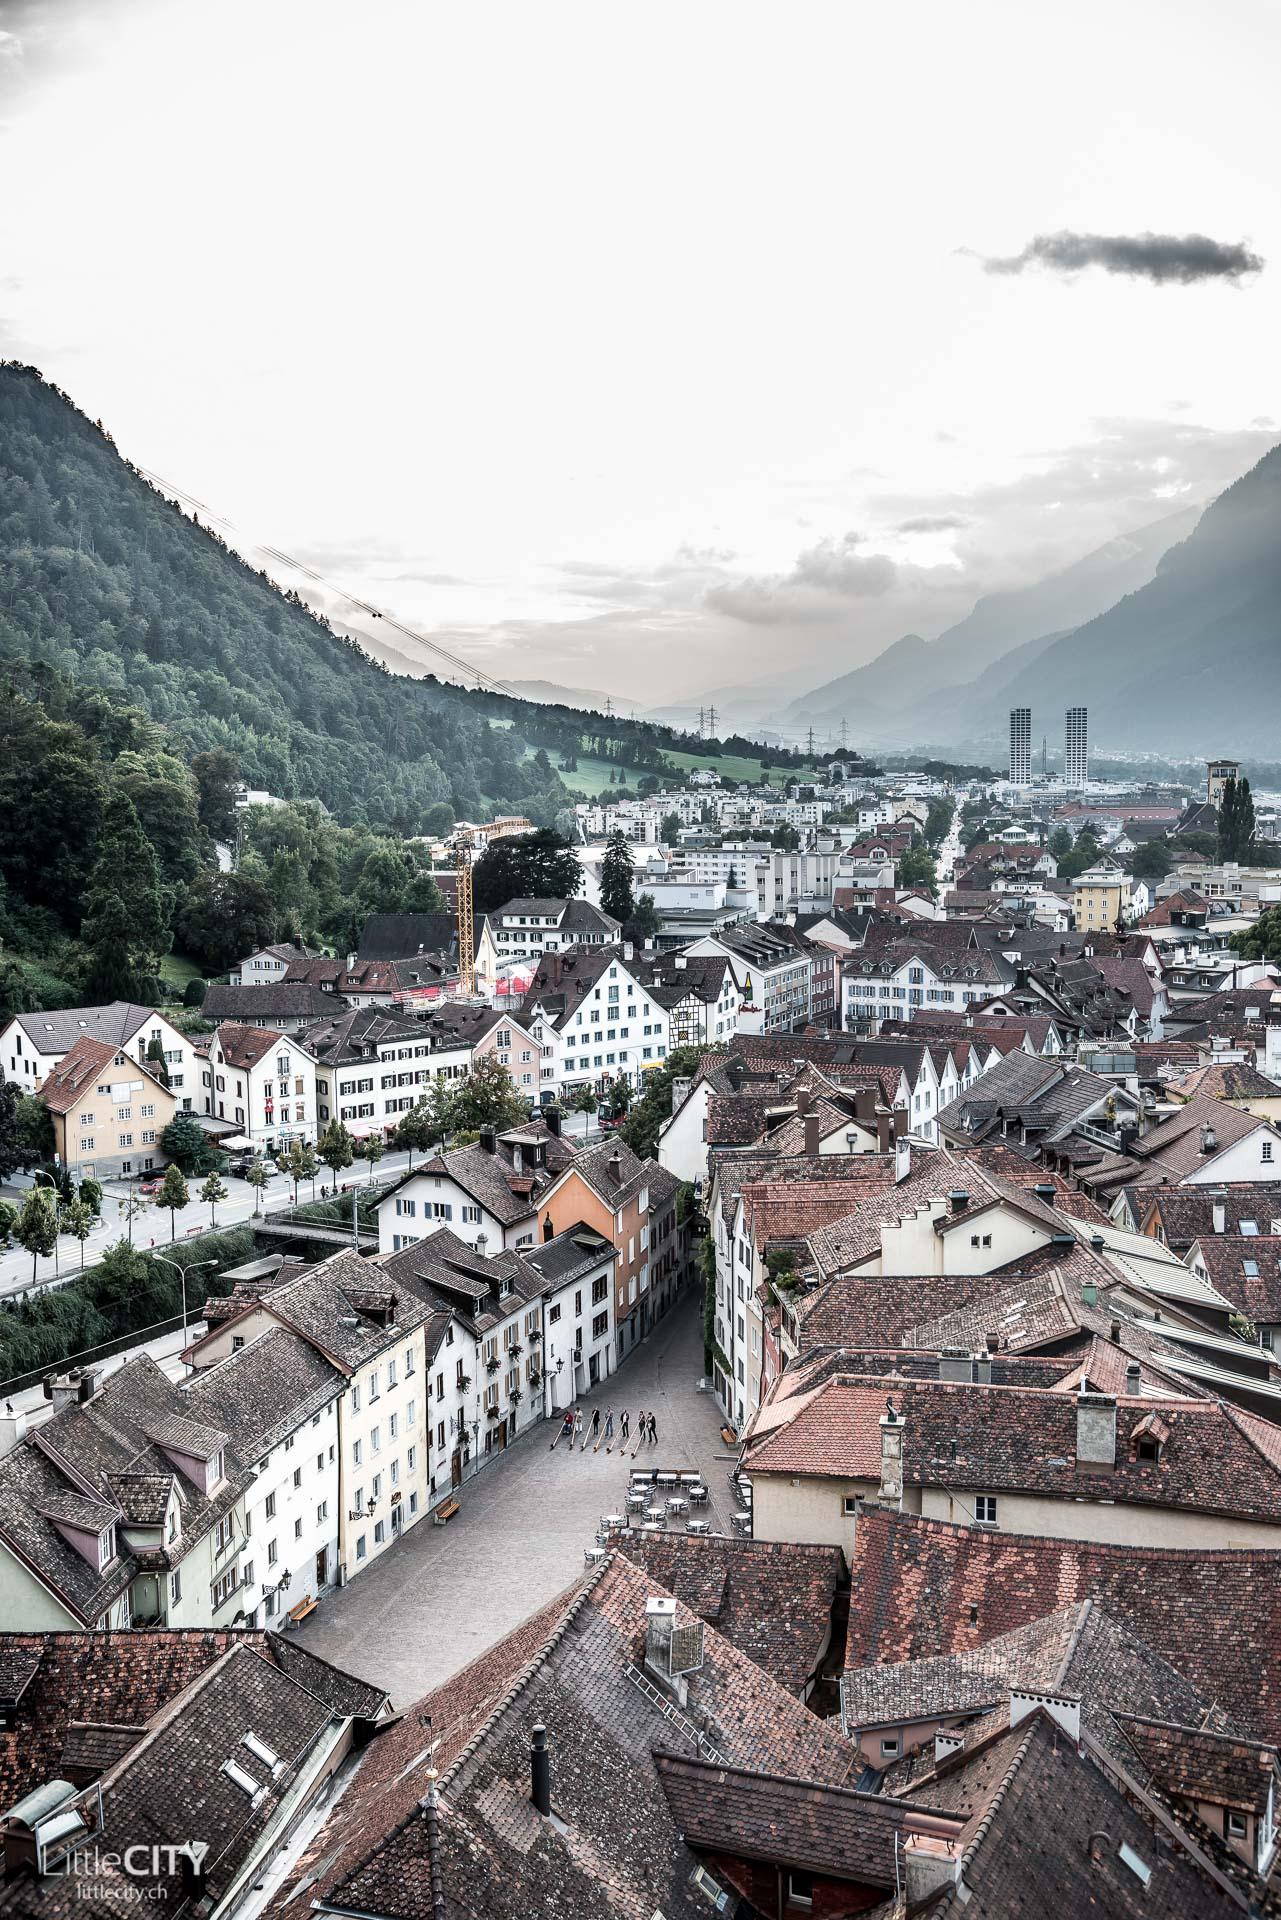 Chur Altstadt Reise- & Restaurantipps